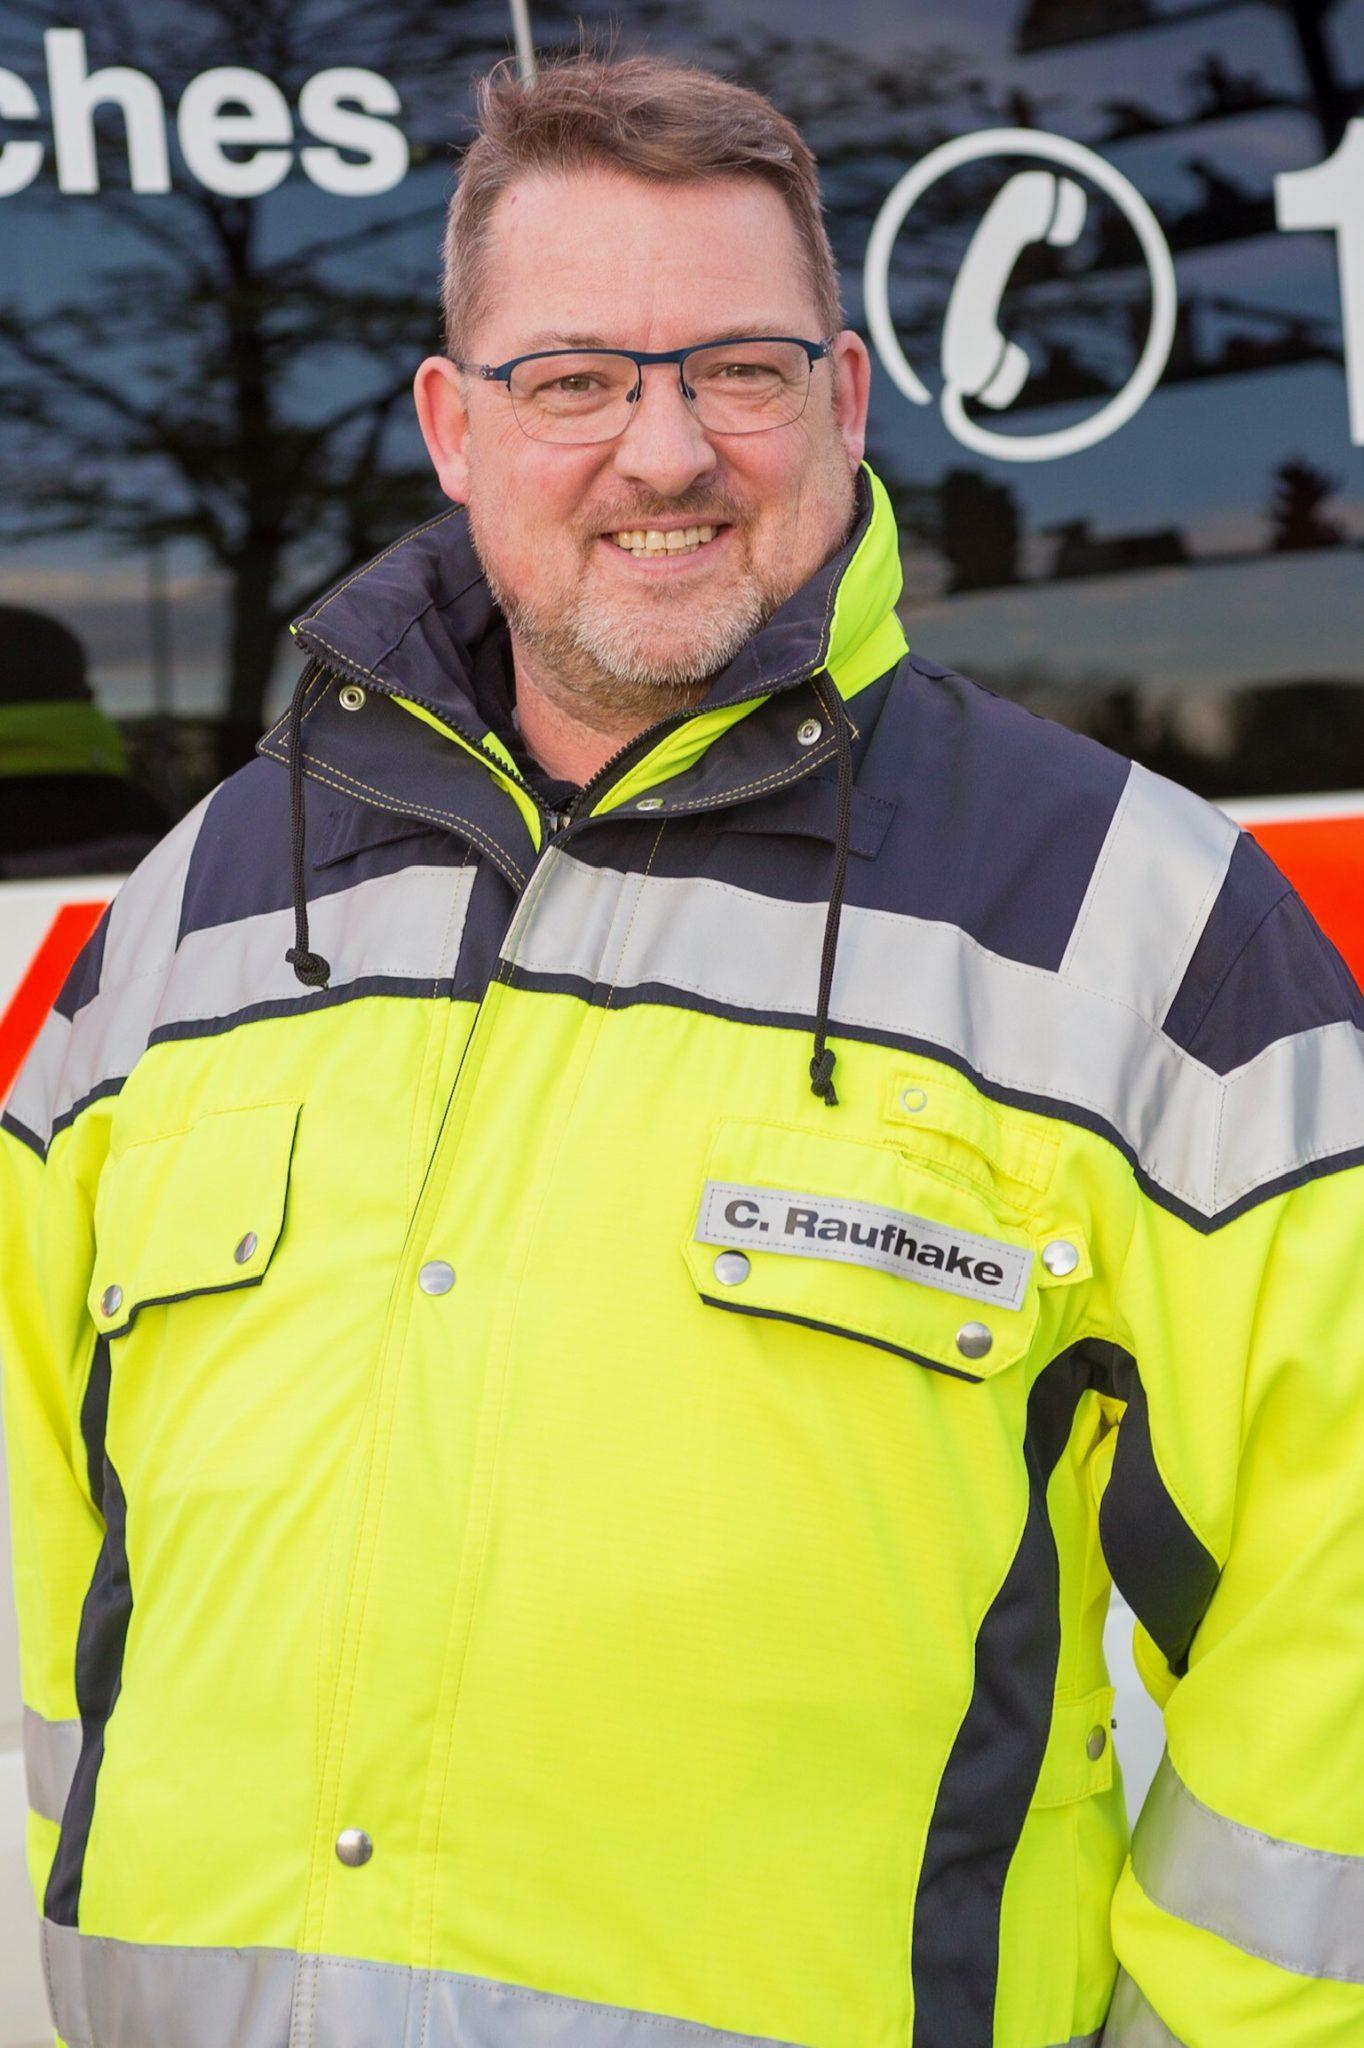 Dr. med. Carsten Raufhake